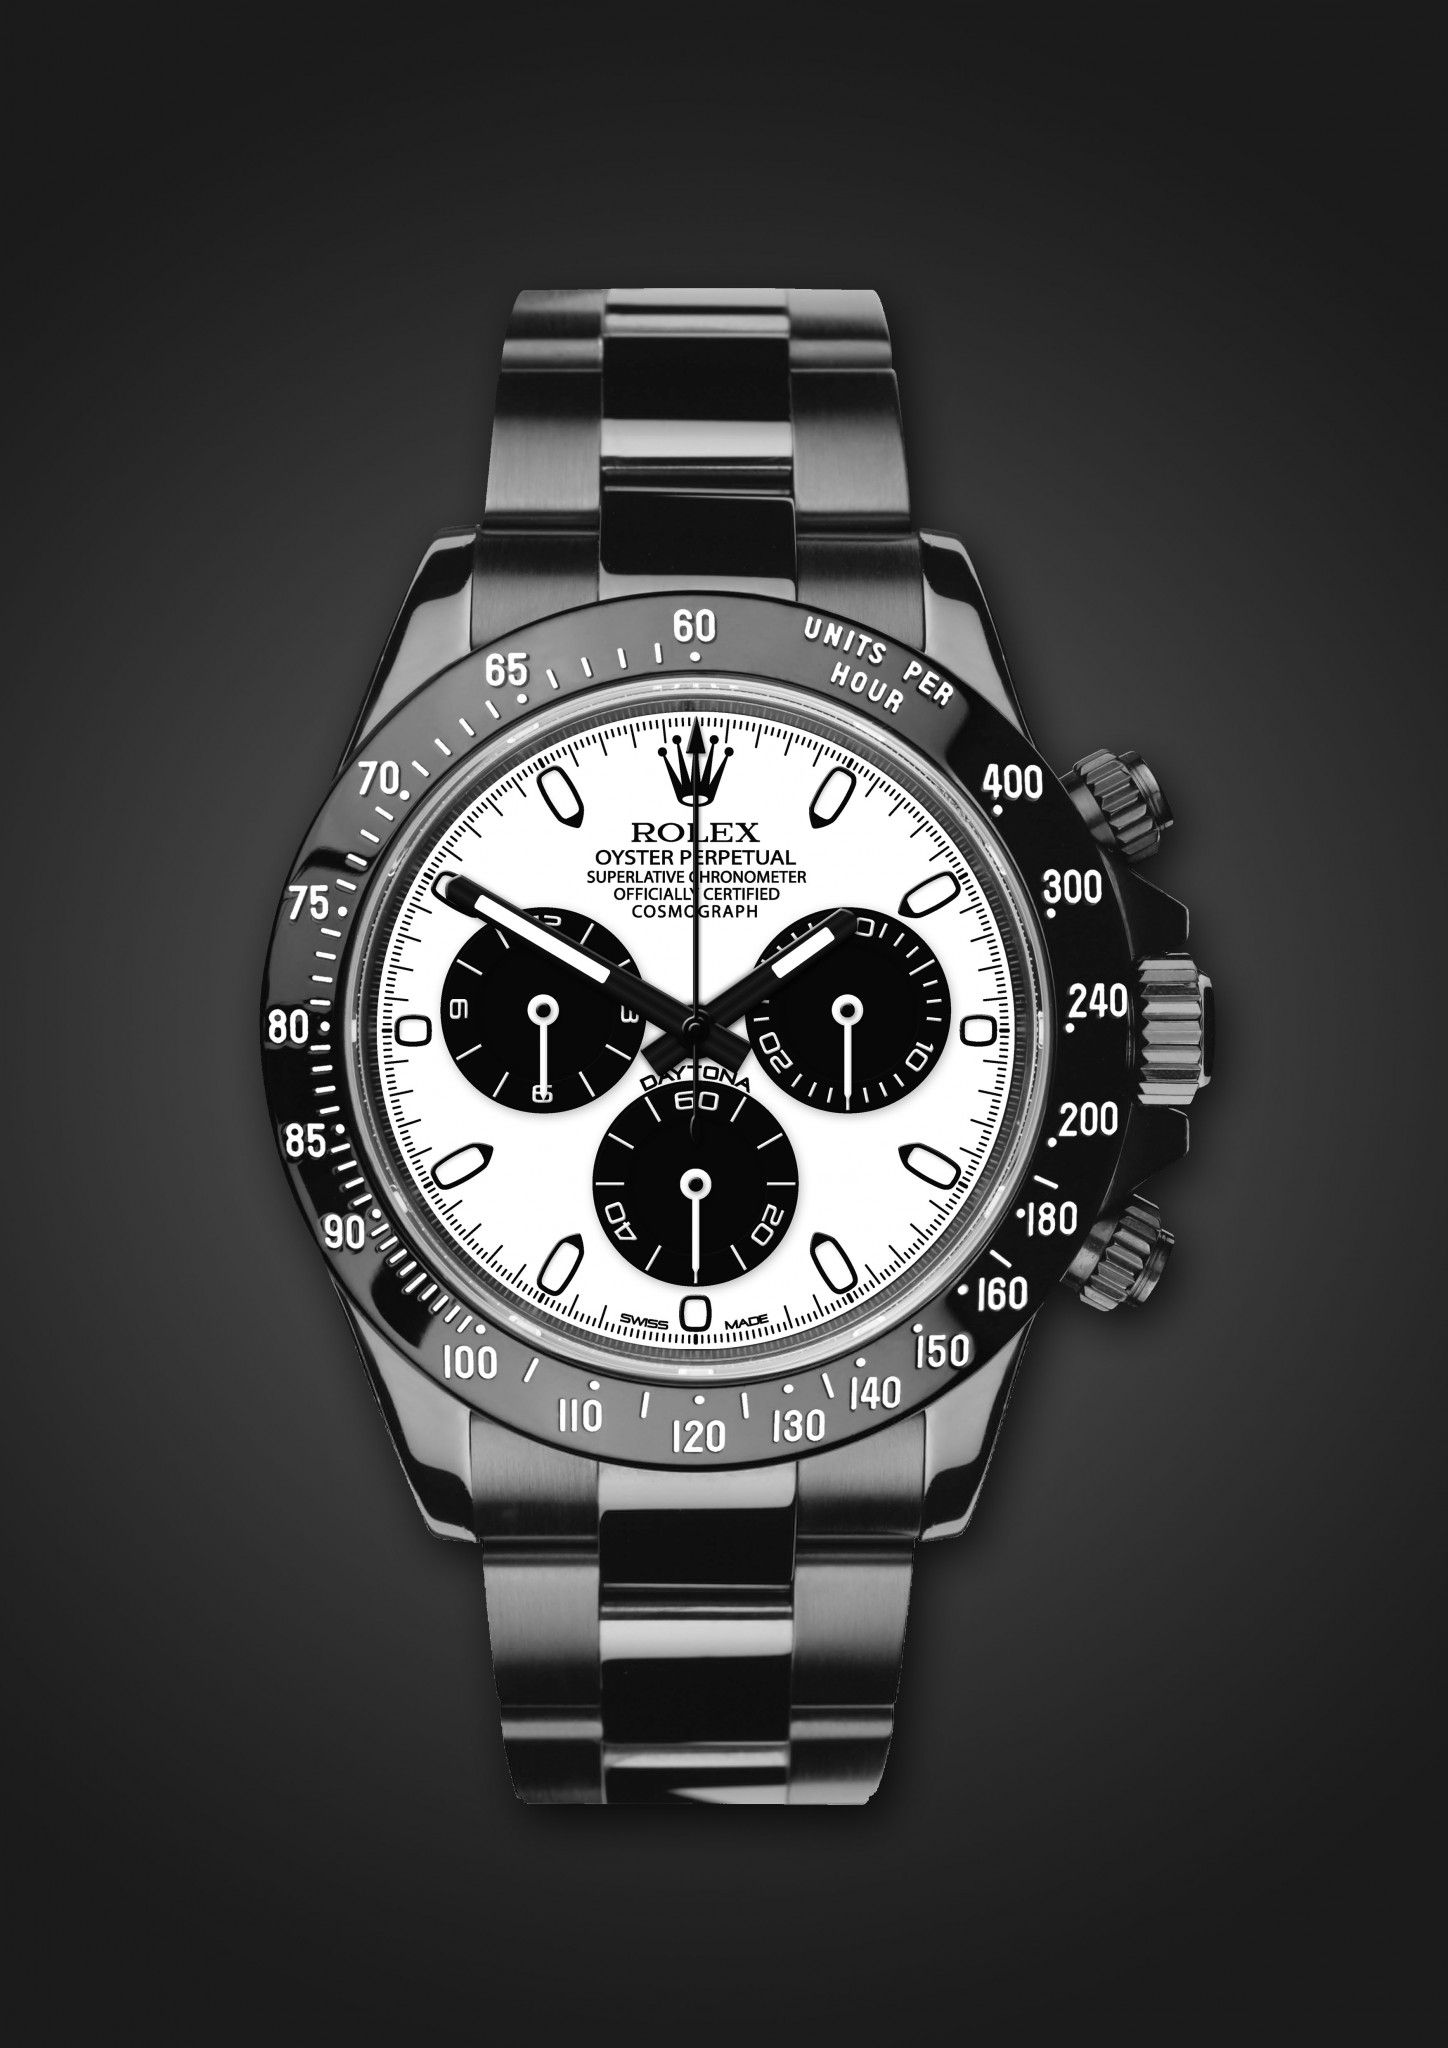 7f39865cf67 α¢¢єѕѕσяιzє ♥ ♢dAǸ†㉫♢Titan Black Rolex Daytona  · JoiasPulseira ...